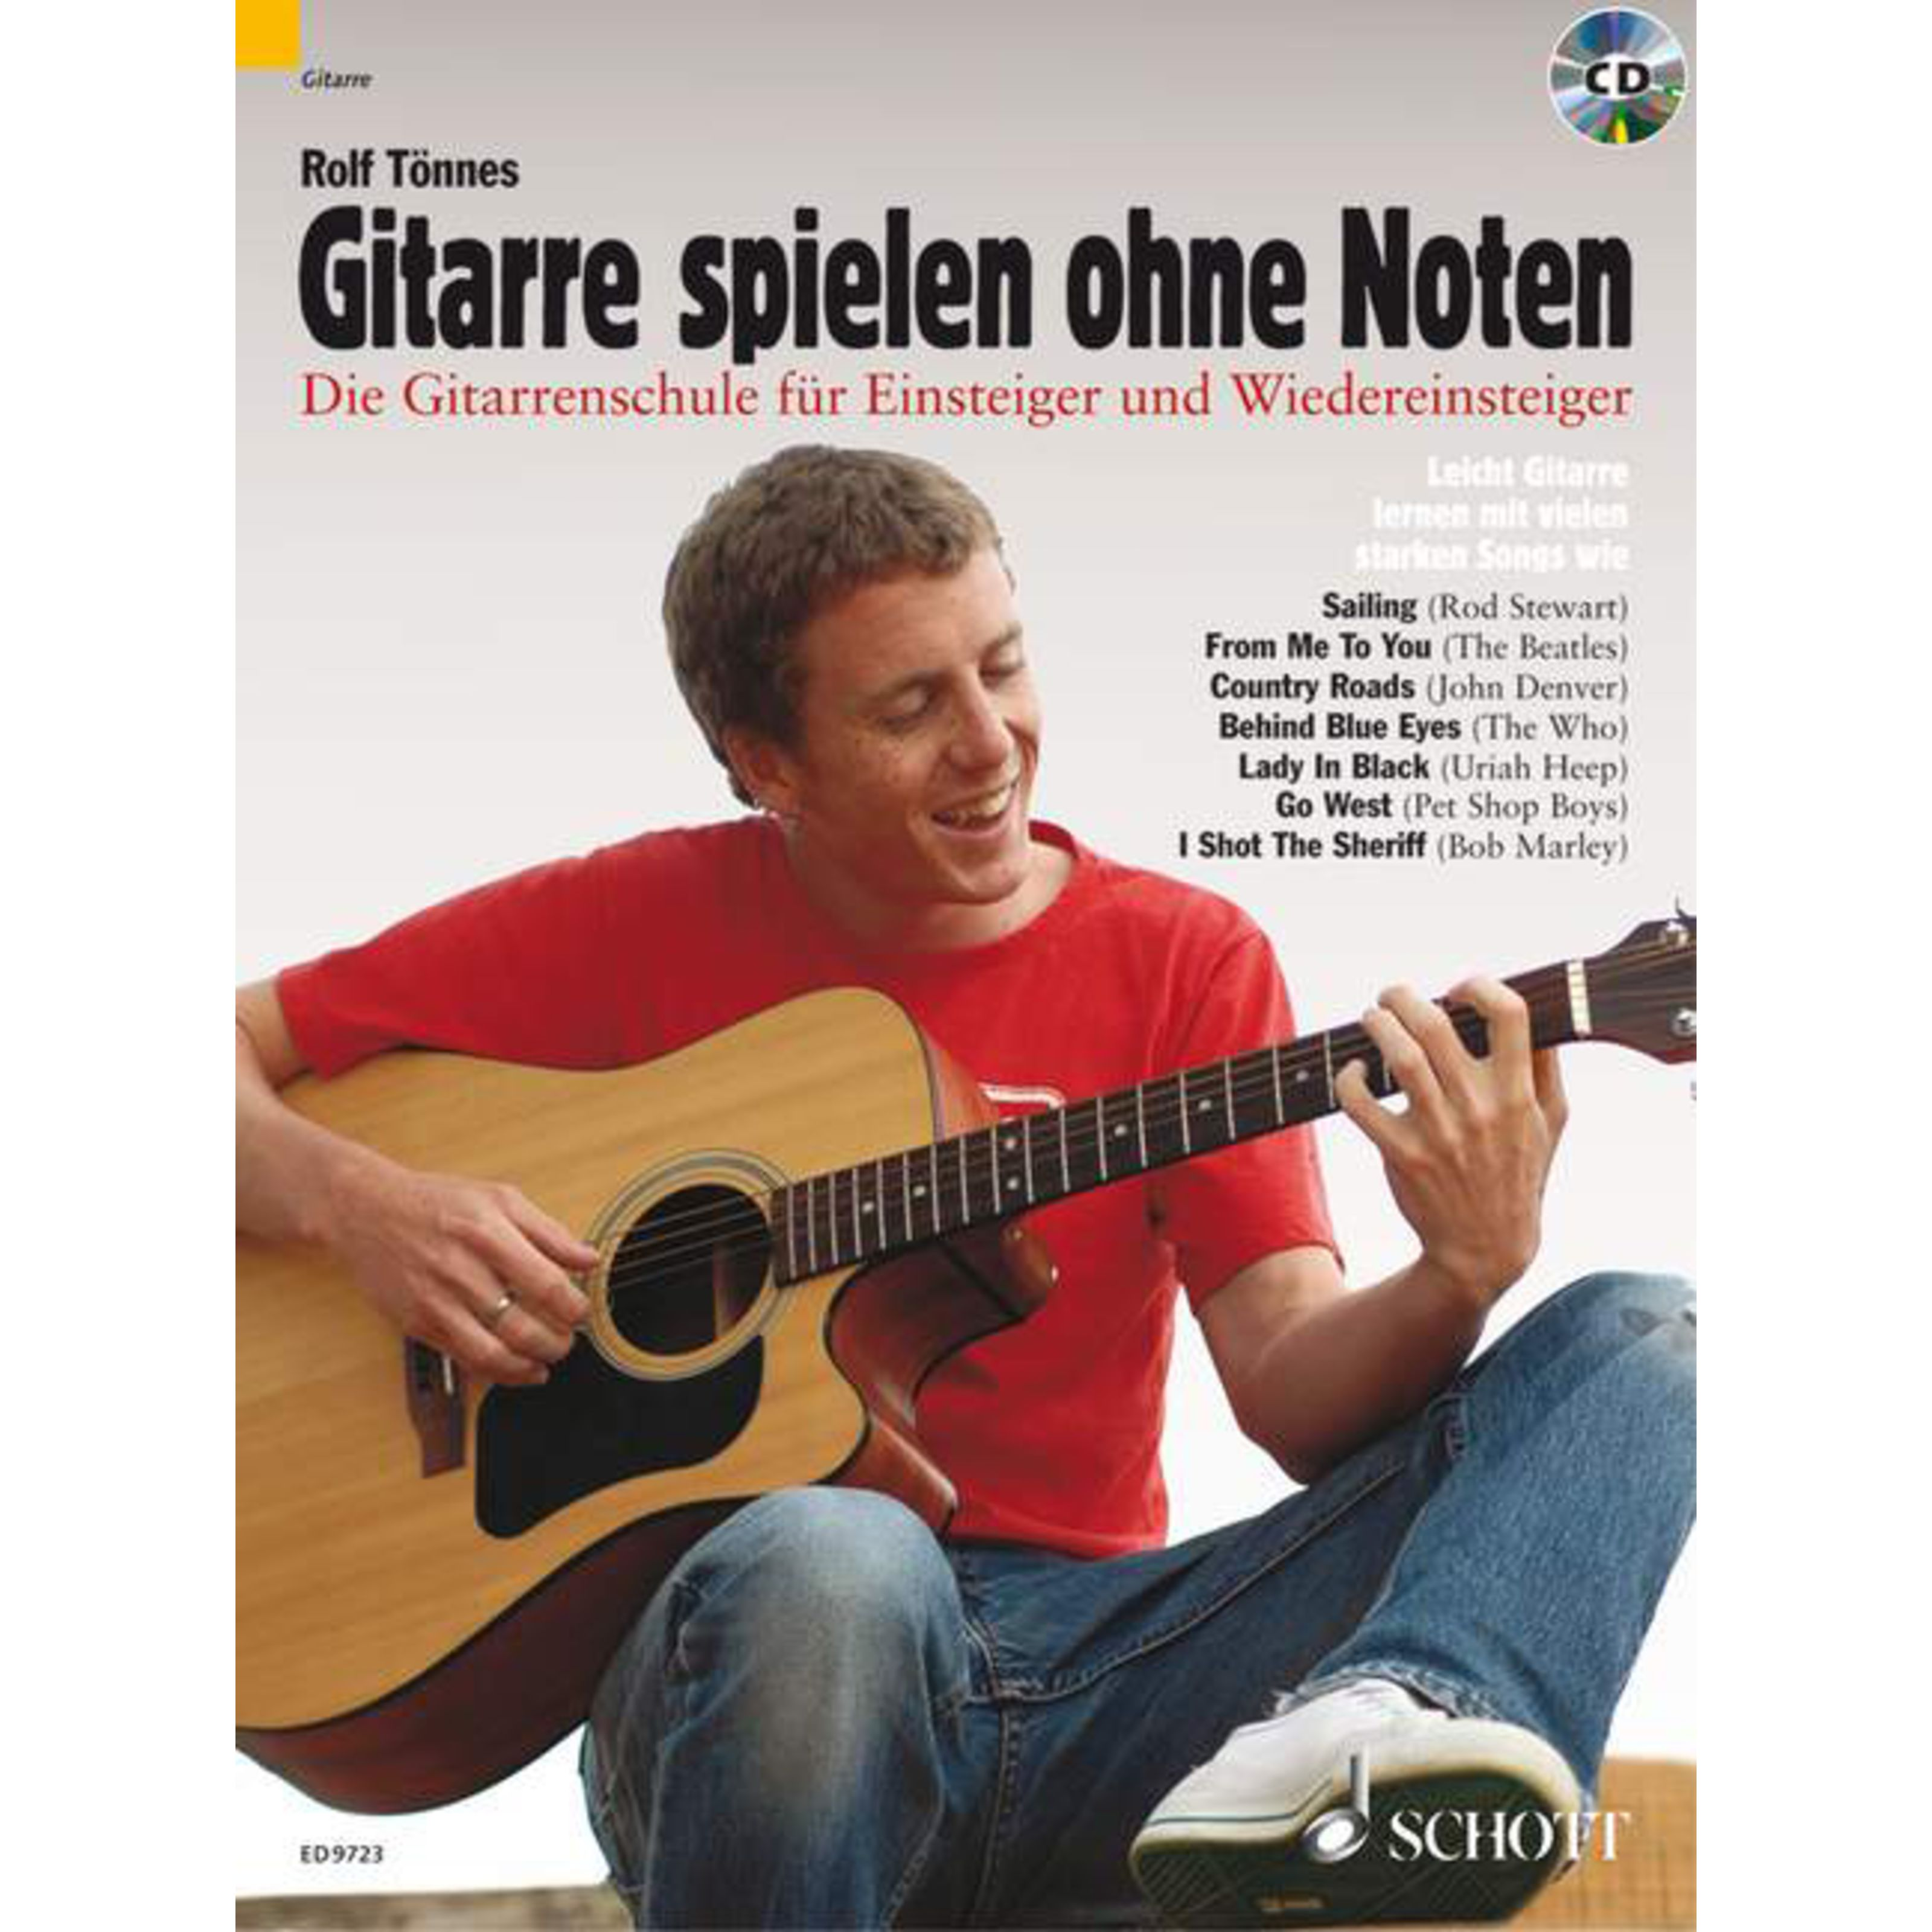 Schott Music - Gitarre spielen ohne Noten Tönnes, Lehrbuch und CD ED 9723